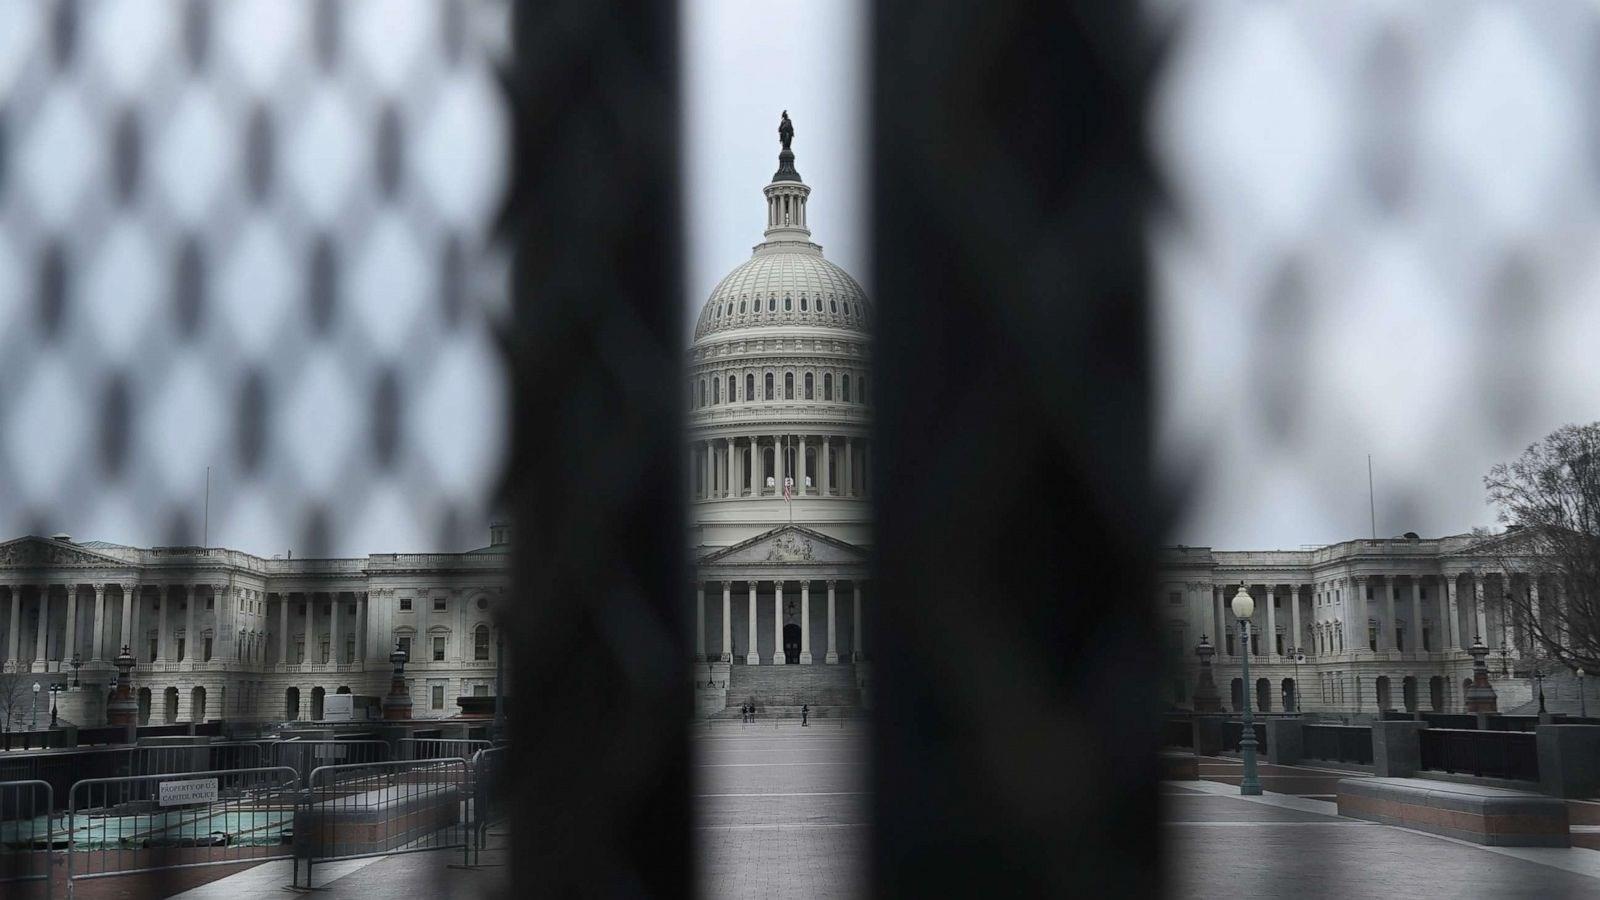 ترامب قد يُحاكم بعد تسليم السلطة.. وجمهوريون يحذرون من انقسام البلاد